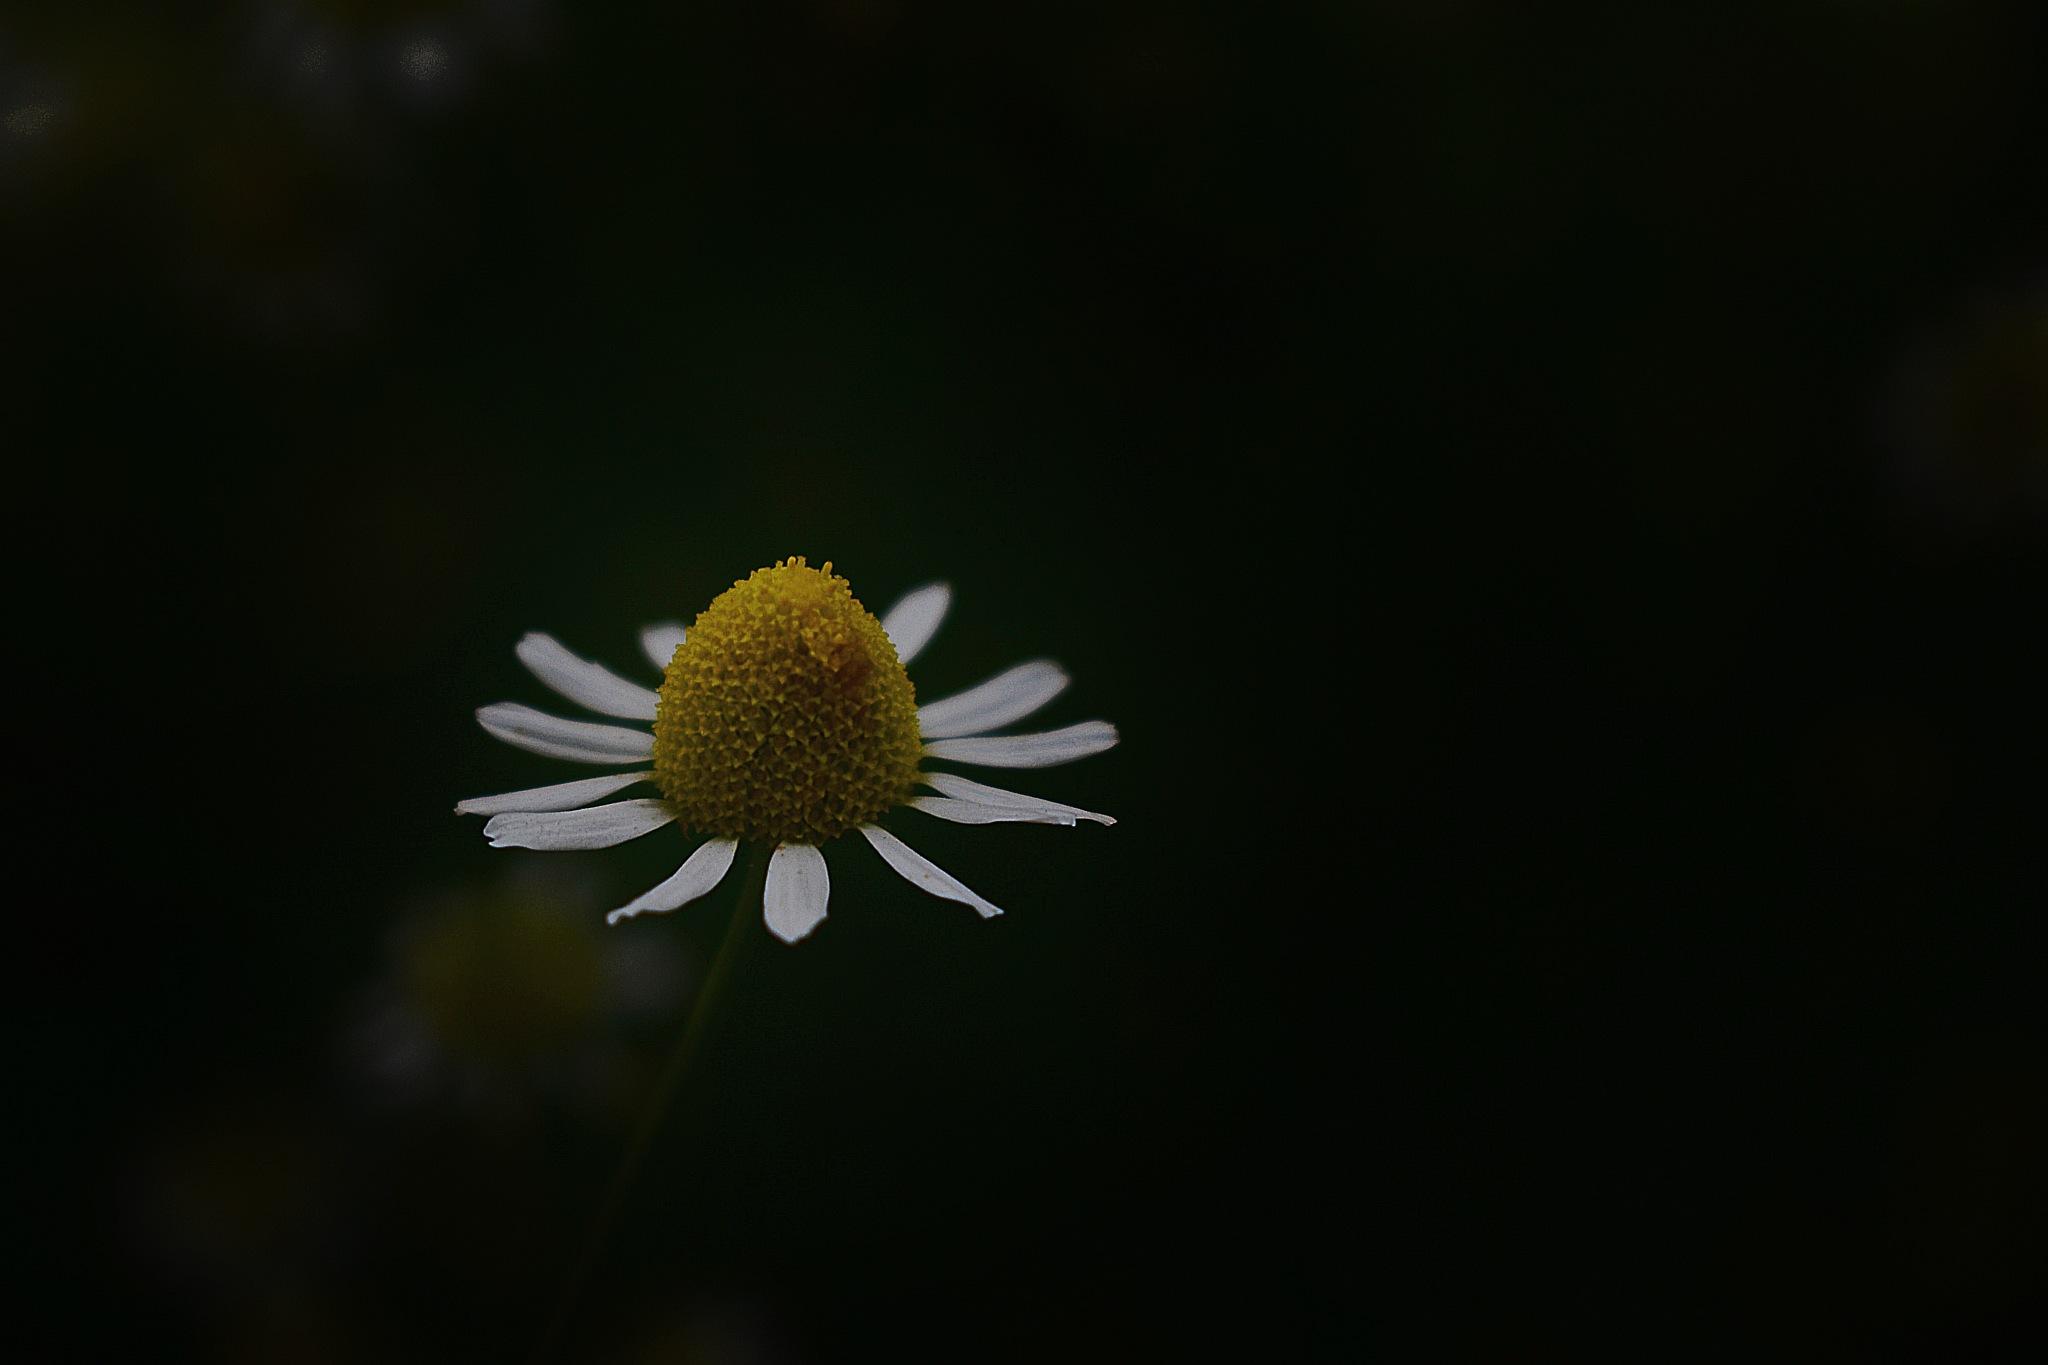 Daisy  by Lsb23